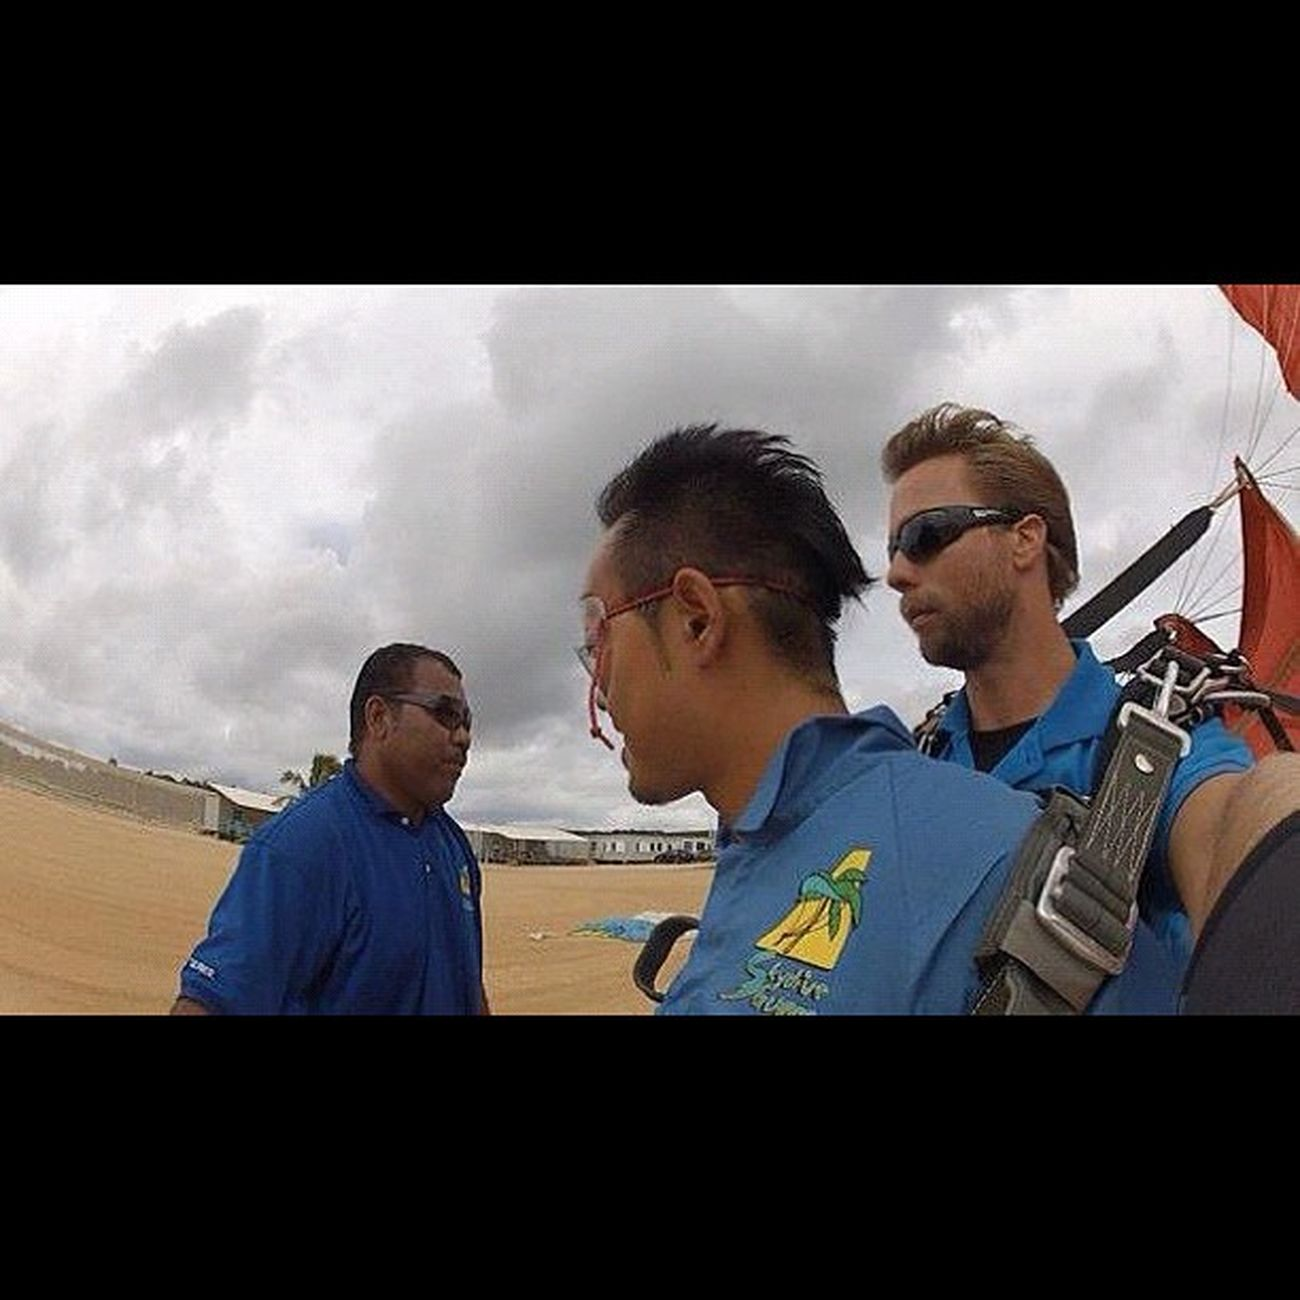 ただいま~♪ Sky Guam Gopro Skydive Webstagram Hafaadai グアム スカイダイビング ソラトビ